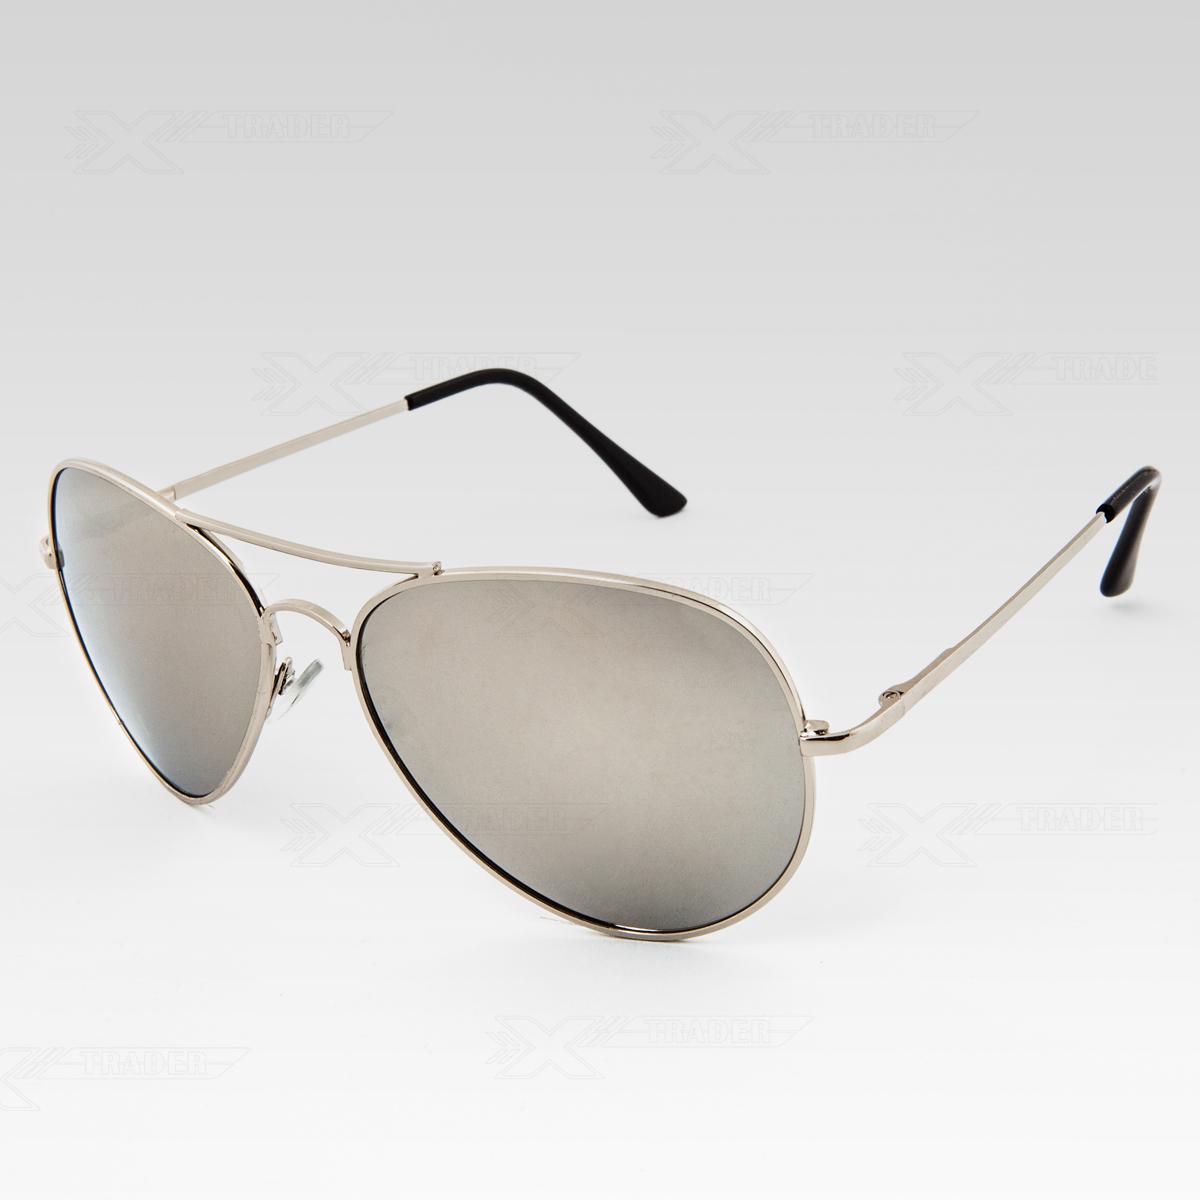 Sluneční brýle Pilotky zrcadlovky stříbrné obroučky stříbrné